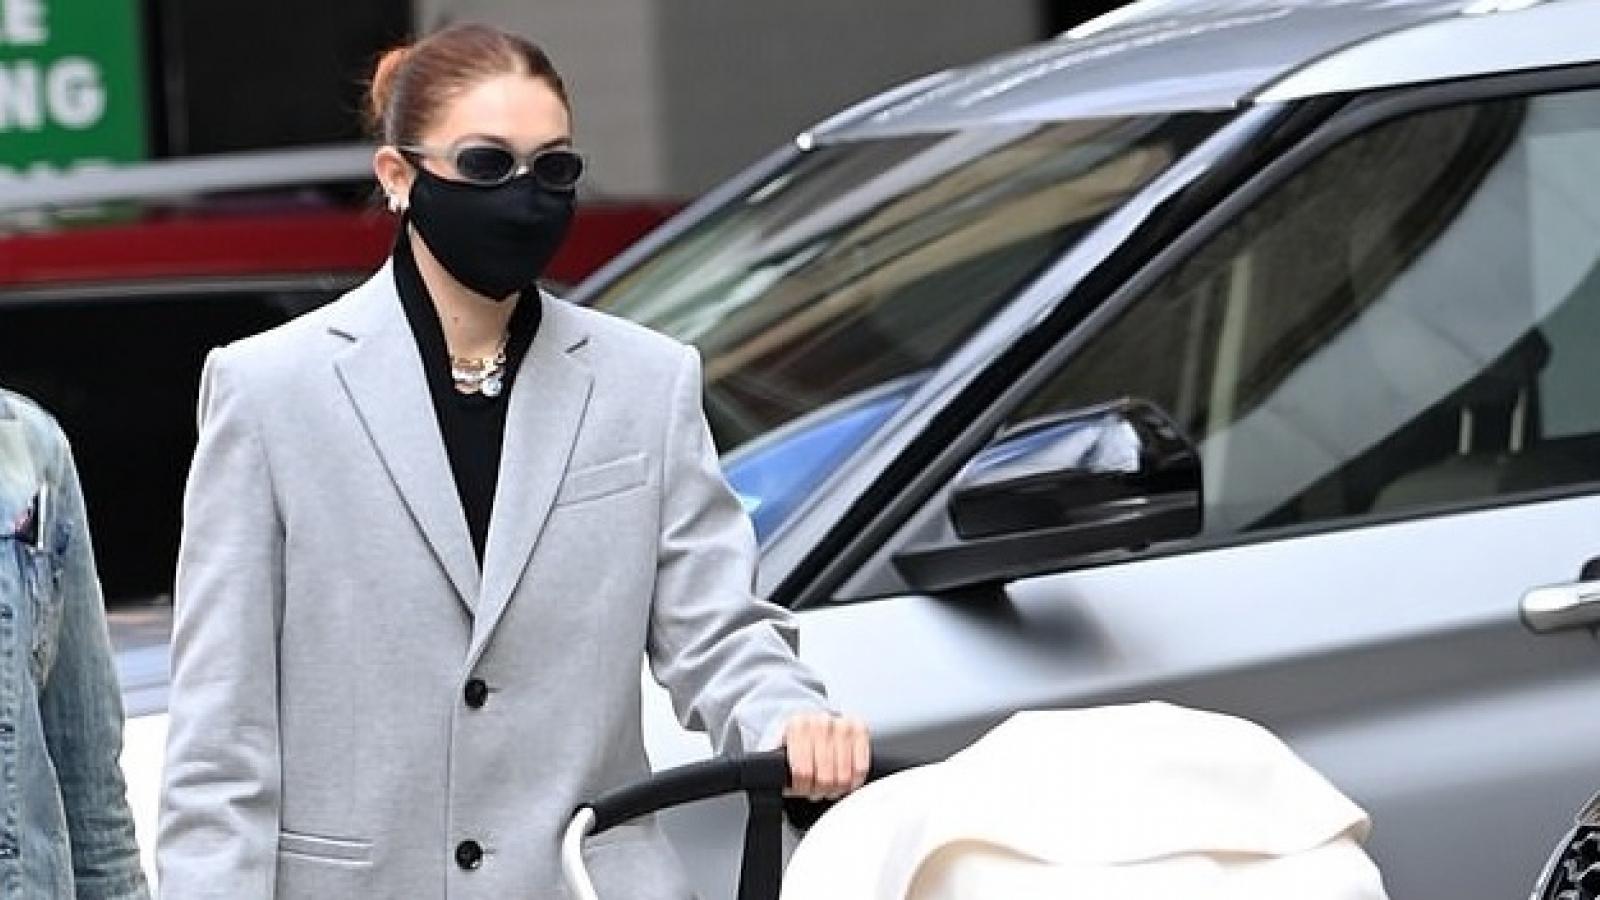 Siêu mẫu Gigi Hadid thanh lịch đưa con gái cưng đi chơi